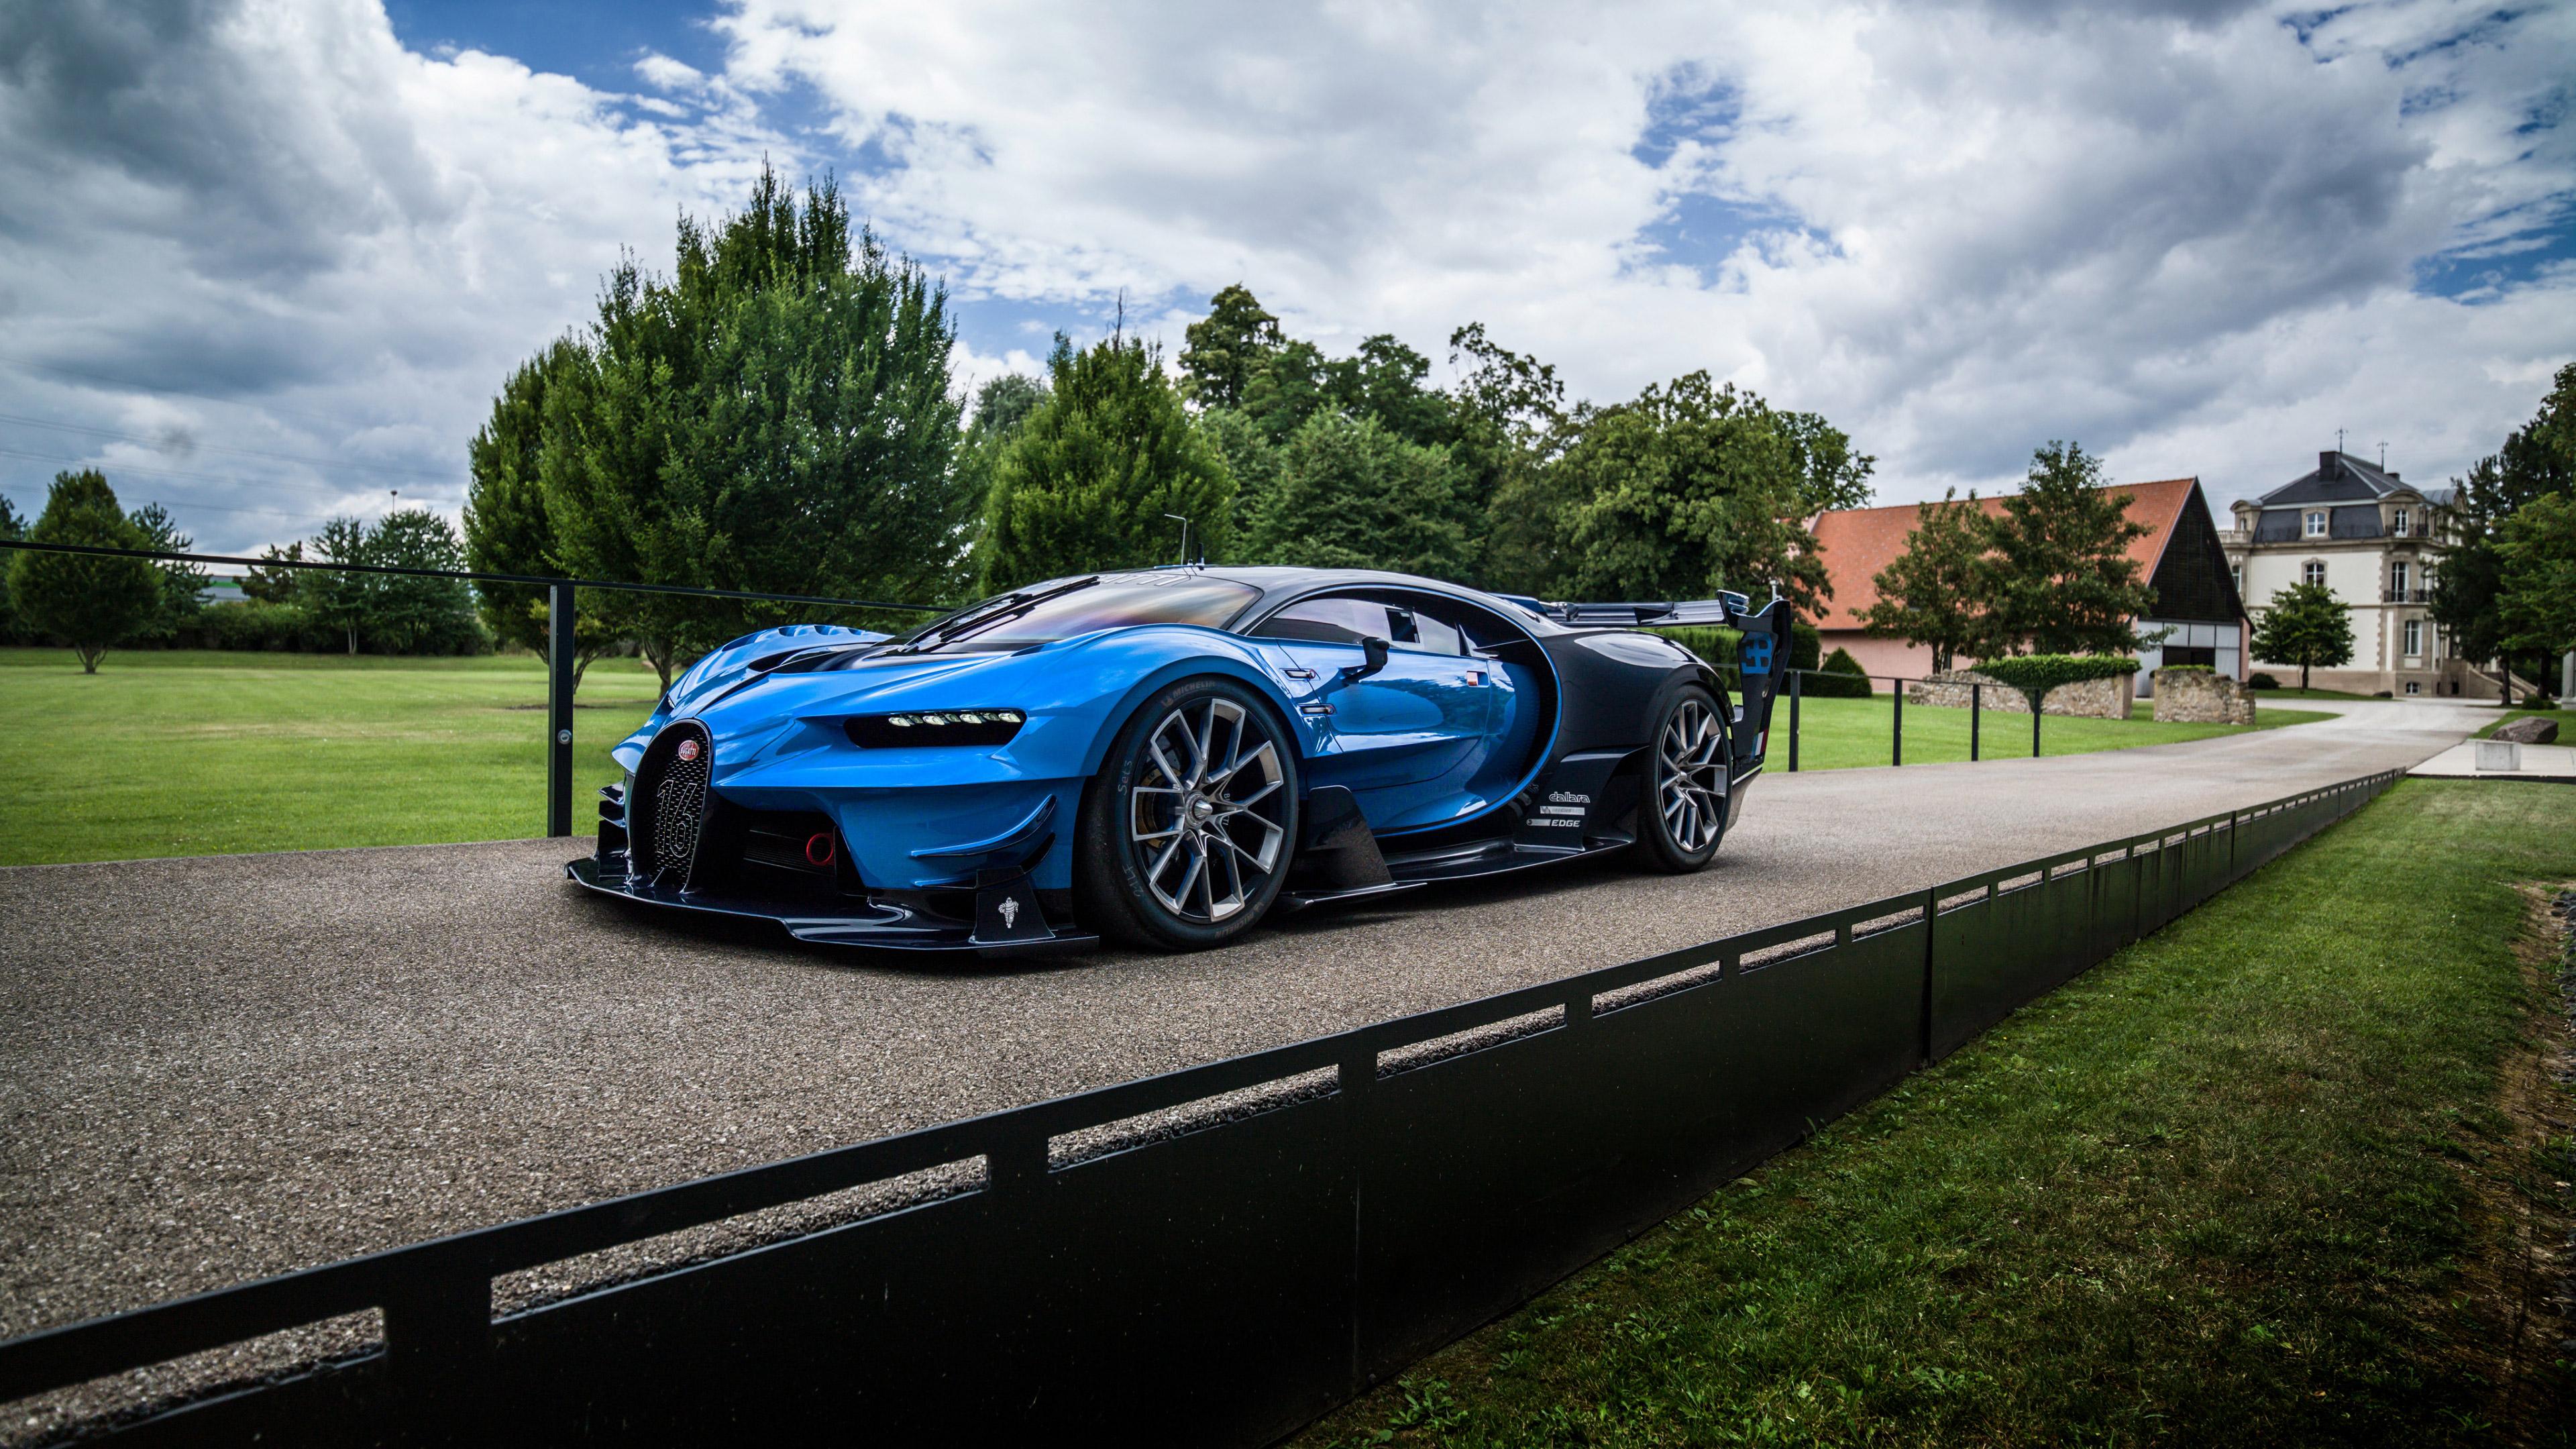 Gran Turismo Wallpaper Hd: 2016 Bugatti Vision Gran Turismo, HD Cars, 4k Wallpapers